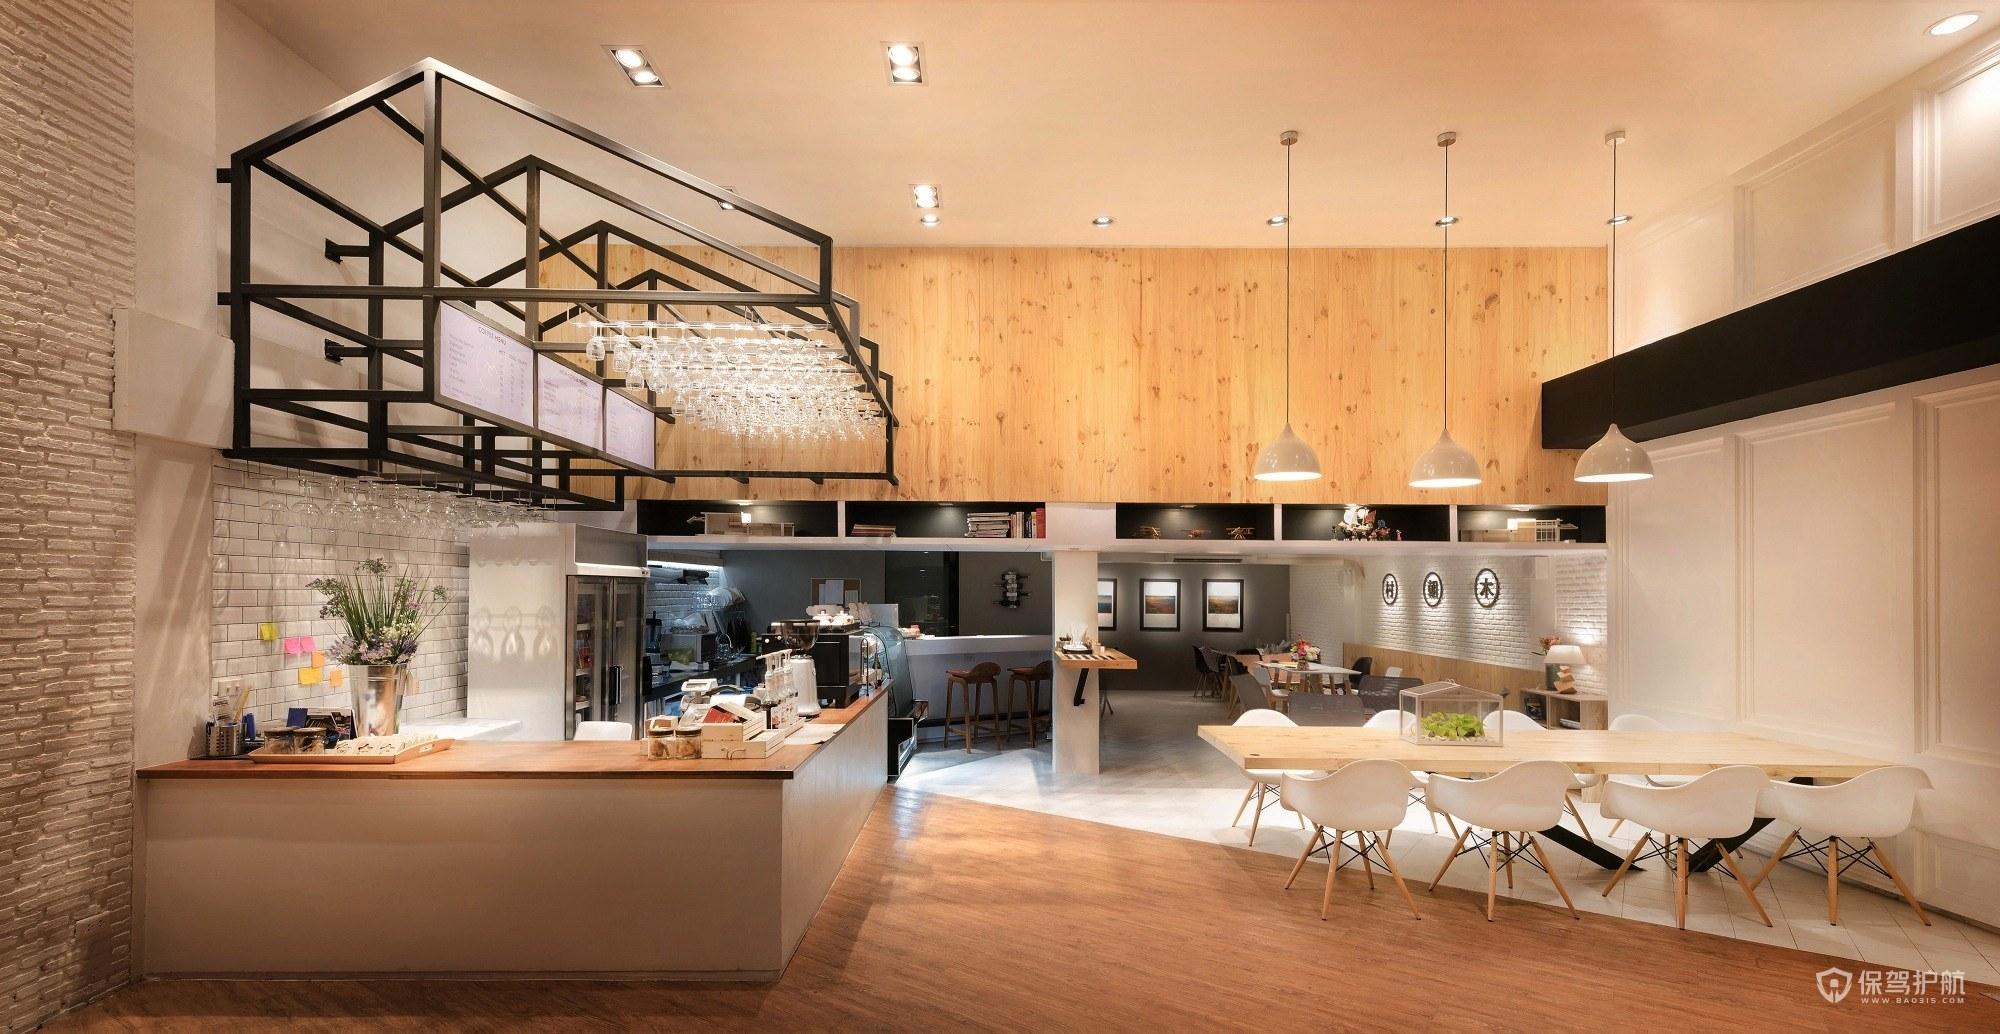 温暖的咖啡馆设计效果图